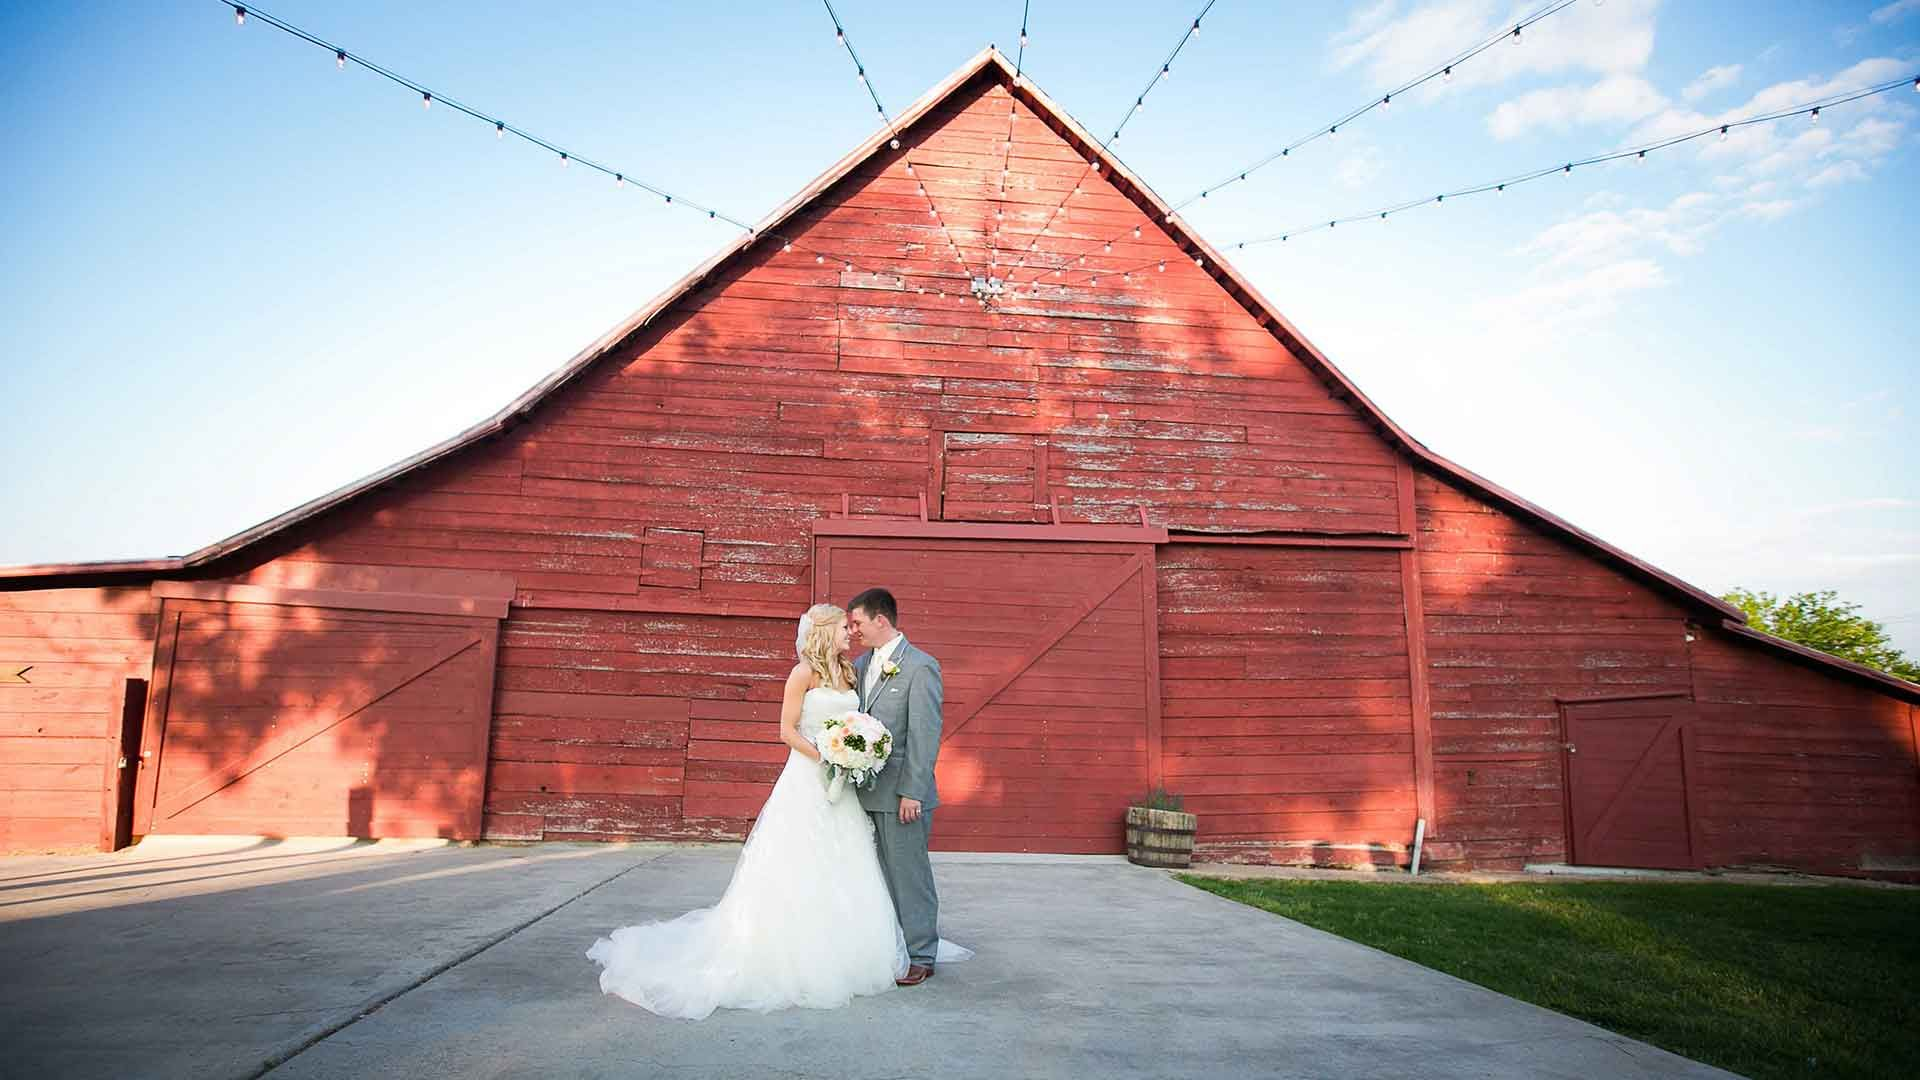 Rustic Barn Wedding Venue. Wedding Chapel near Dallas. Van